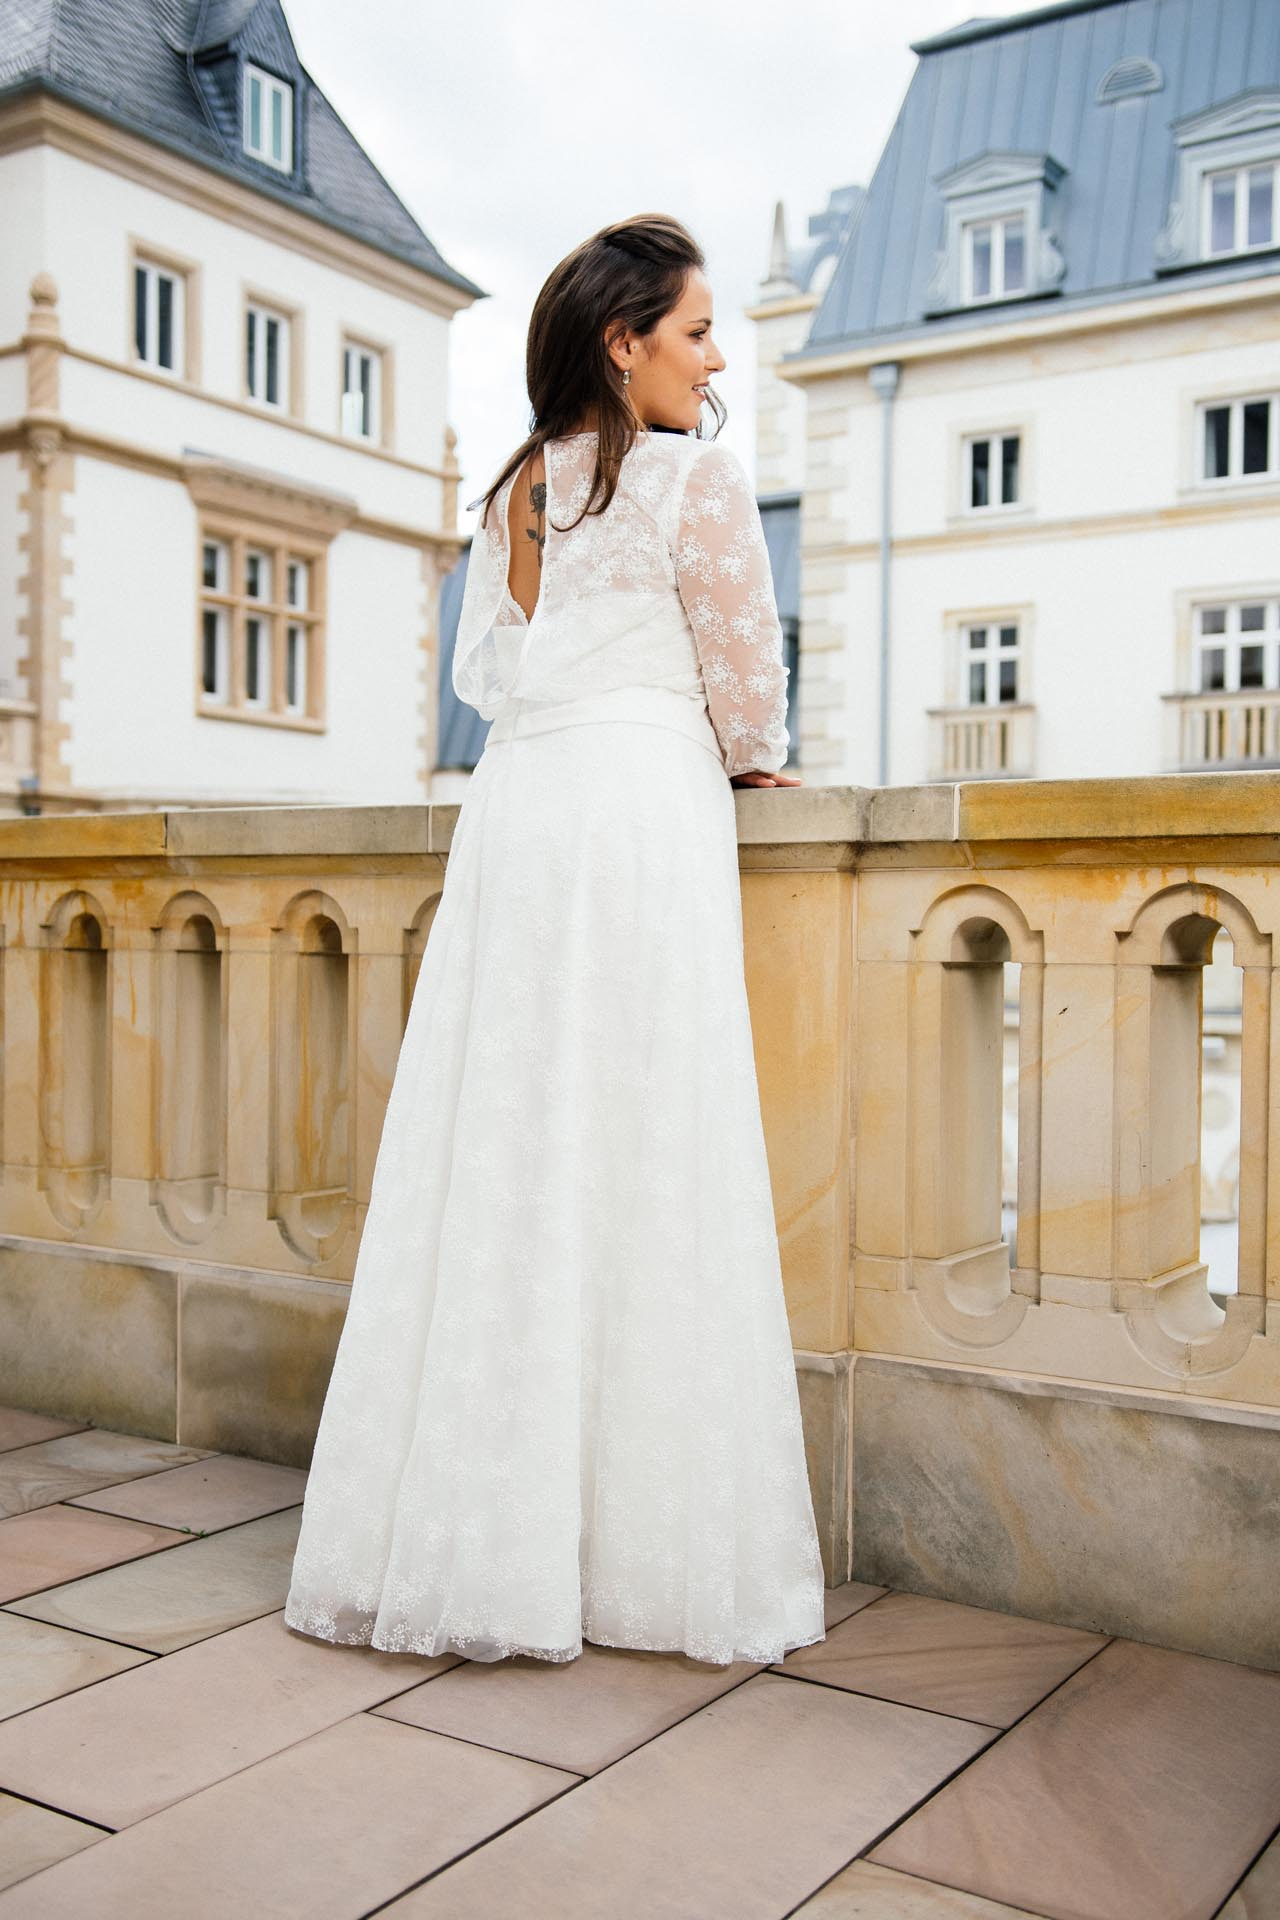 Brautkleider große Größen – moderne Hochzeitskleider in 48,50 und 52!